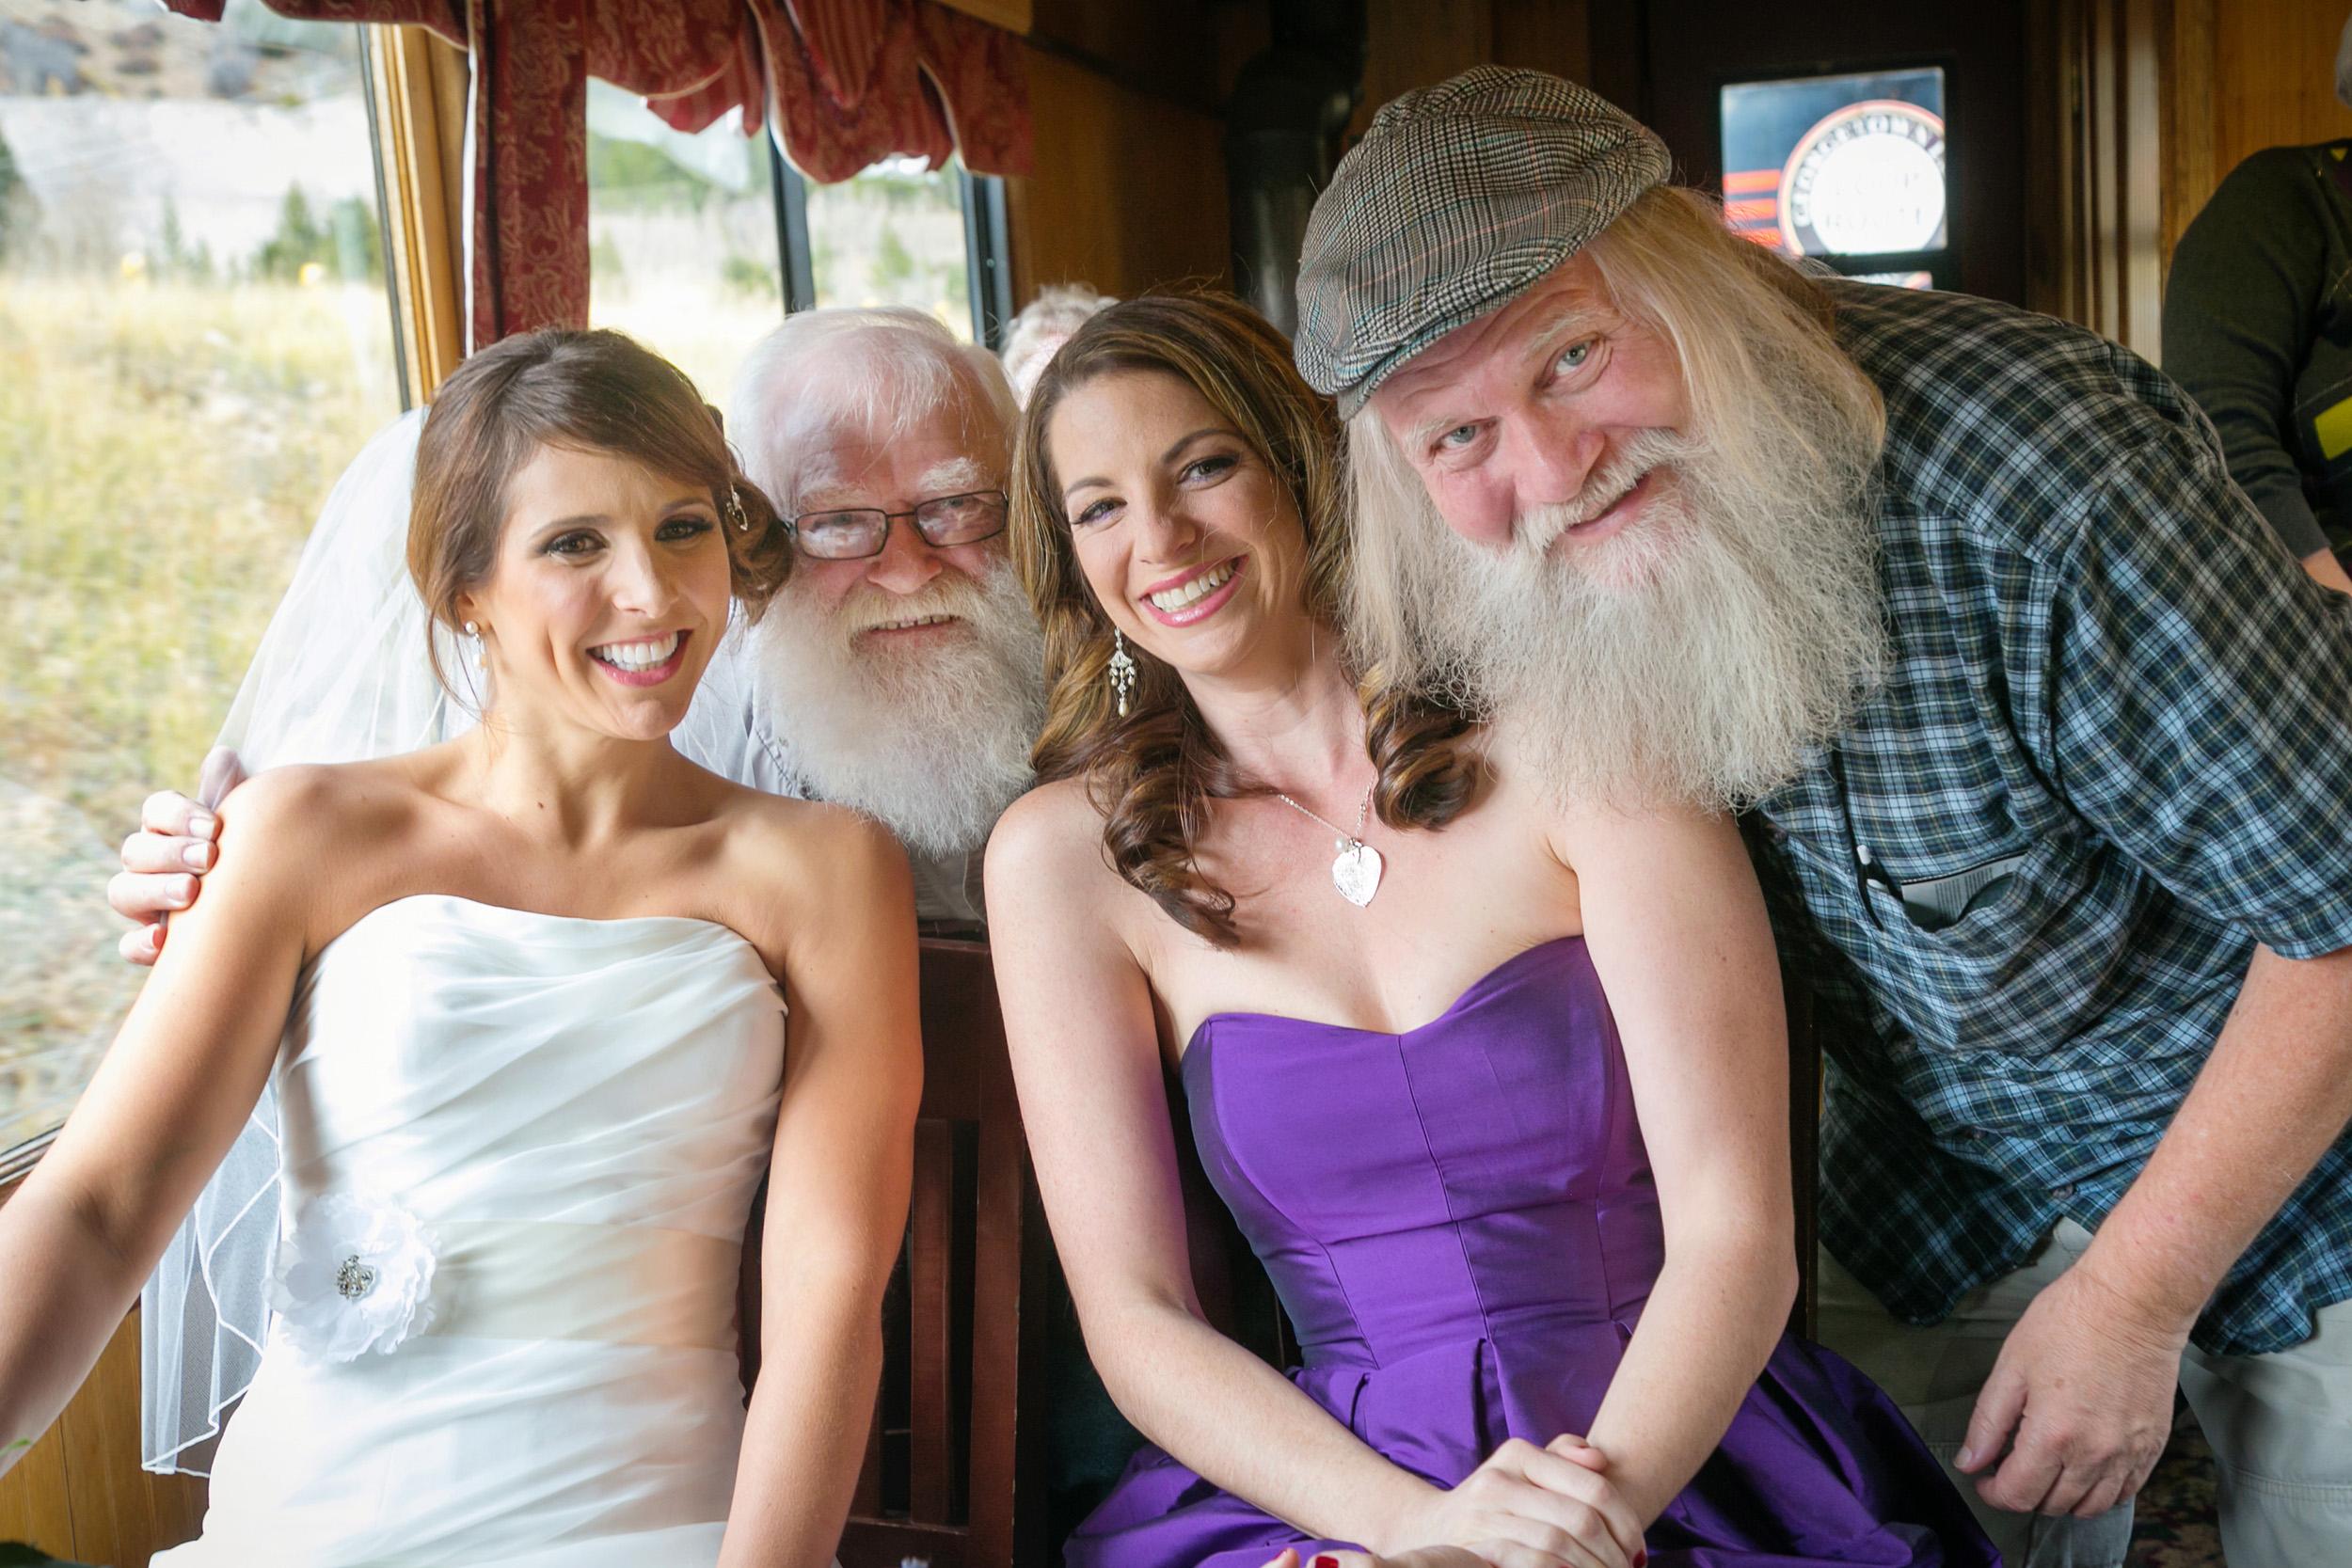 Georgetown-Loop-Railroad-Wedding-006.jpg